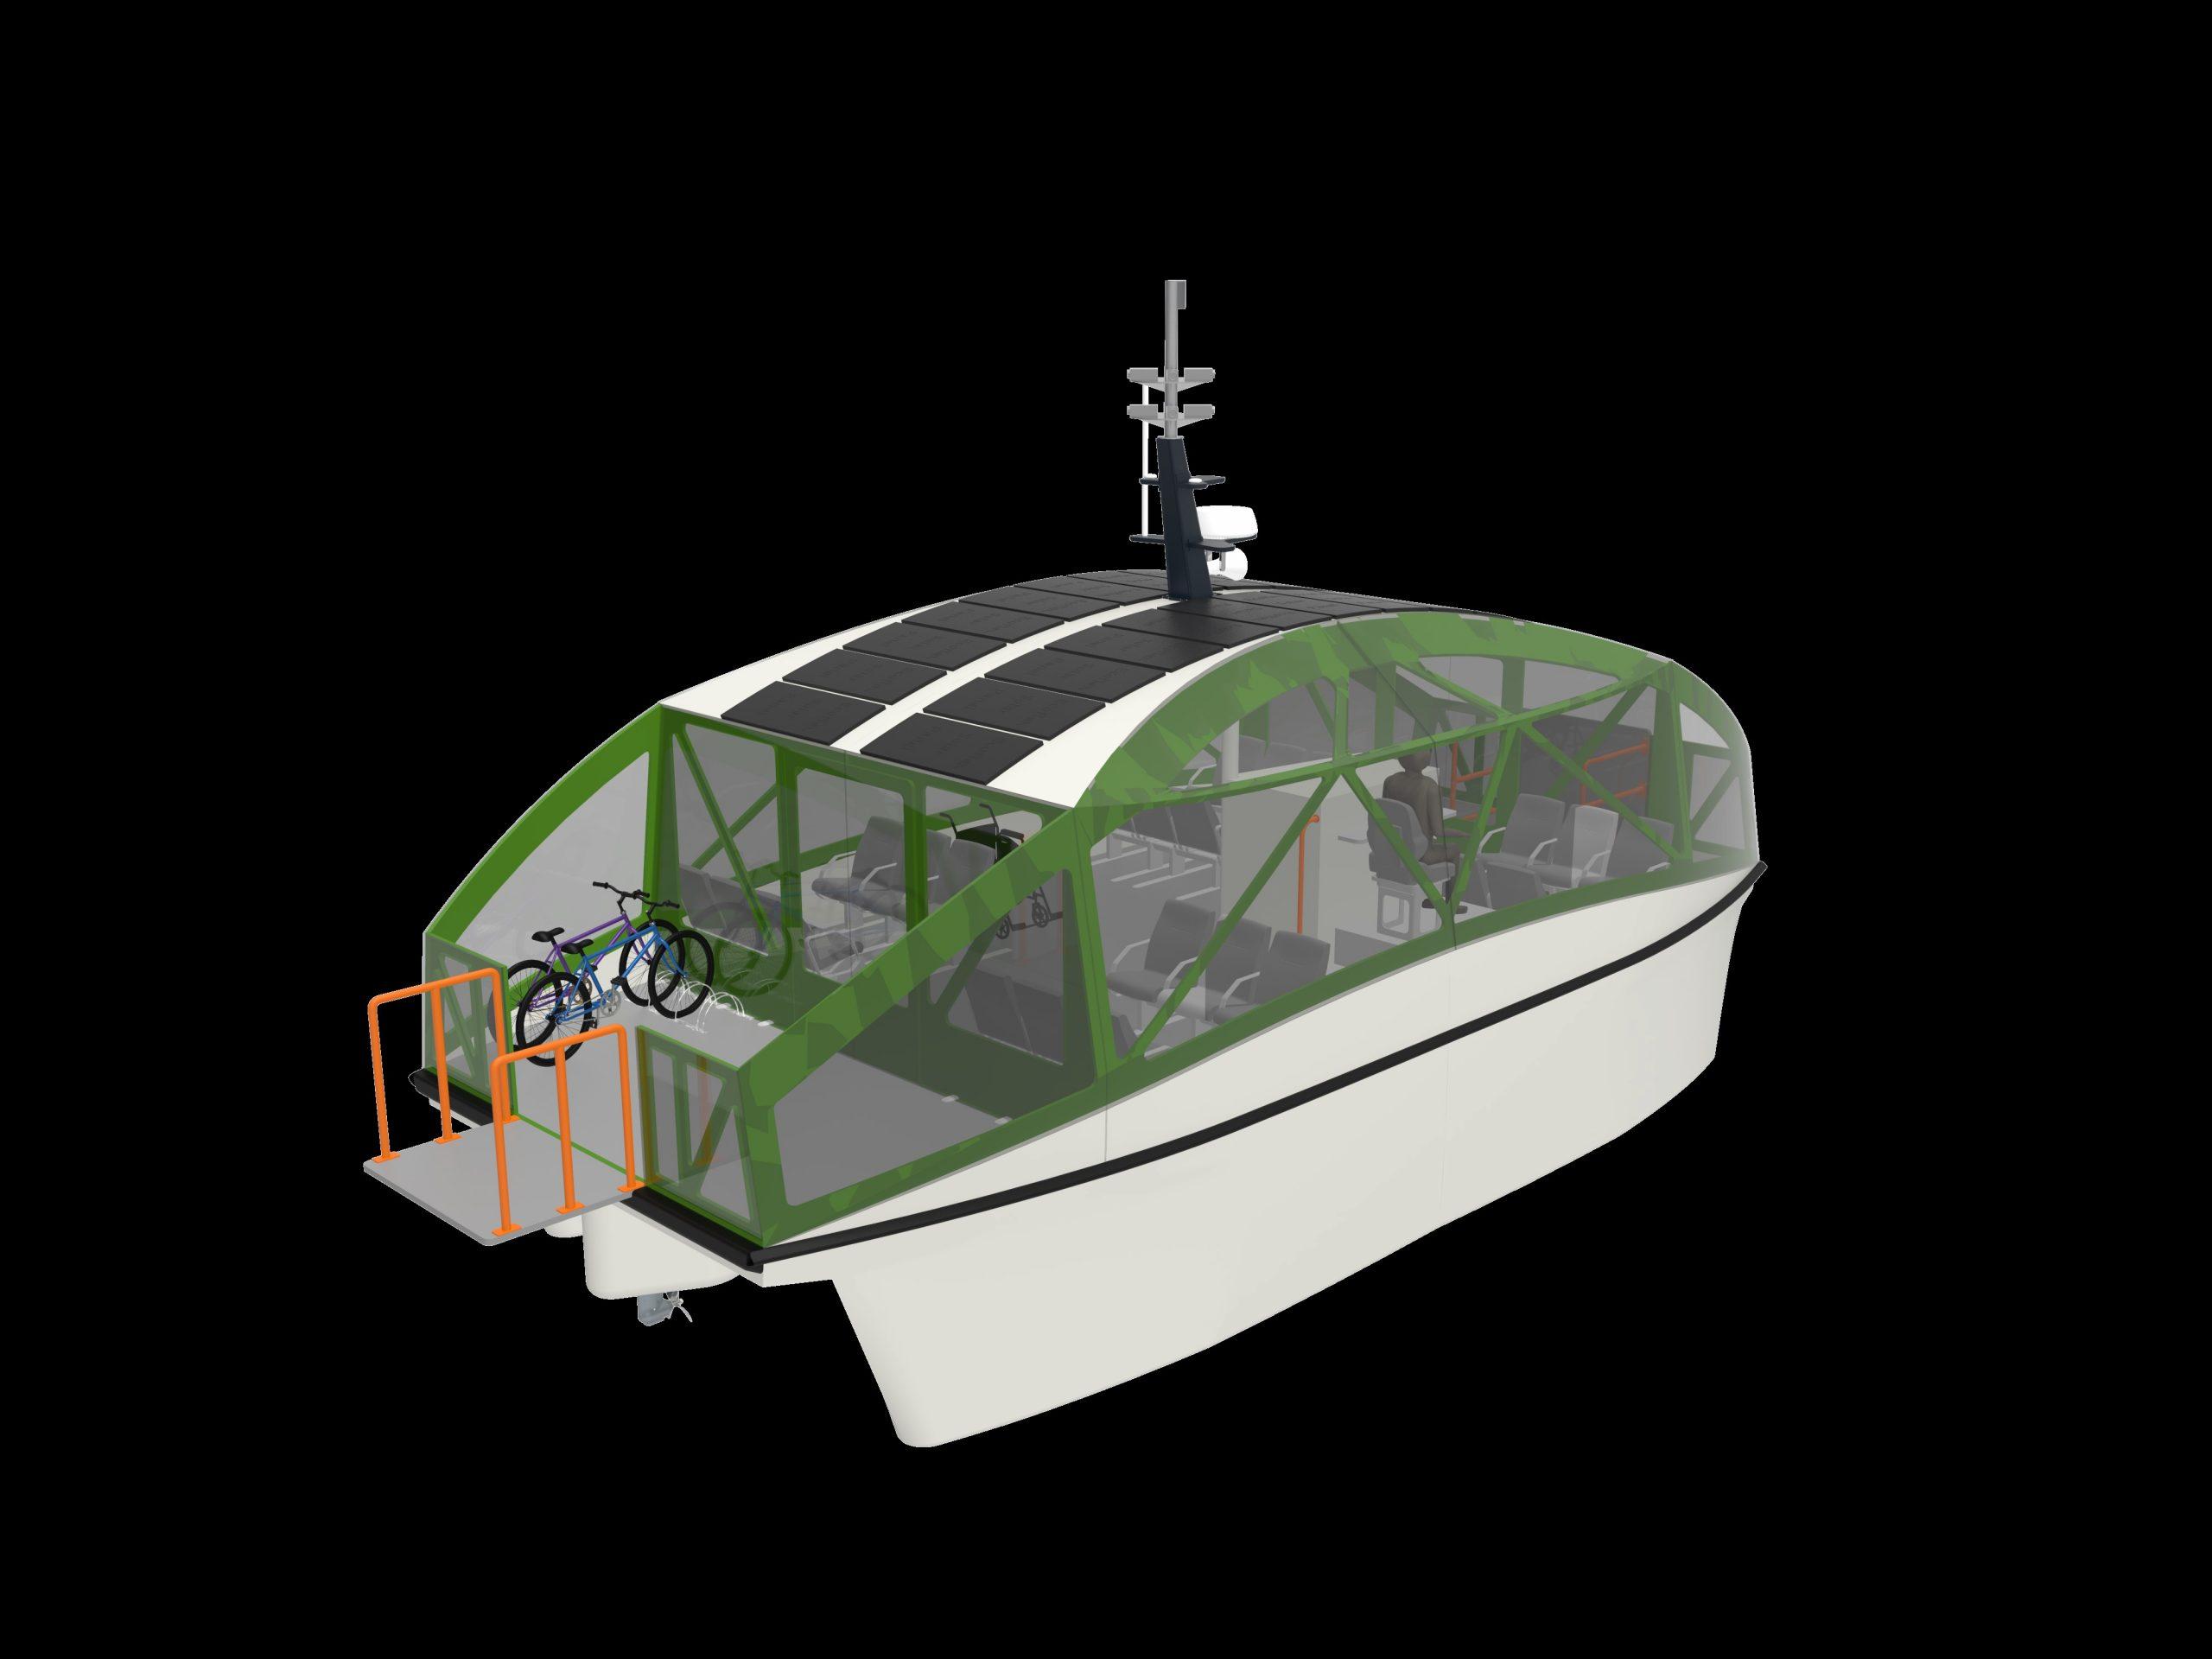 Aftale på plads: Nu realiseres landets første førerløse færgeforbindelse